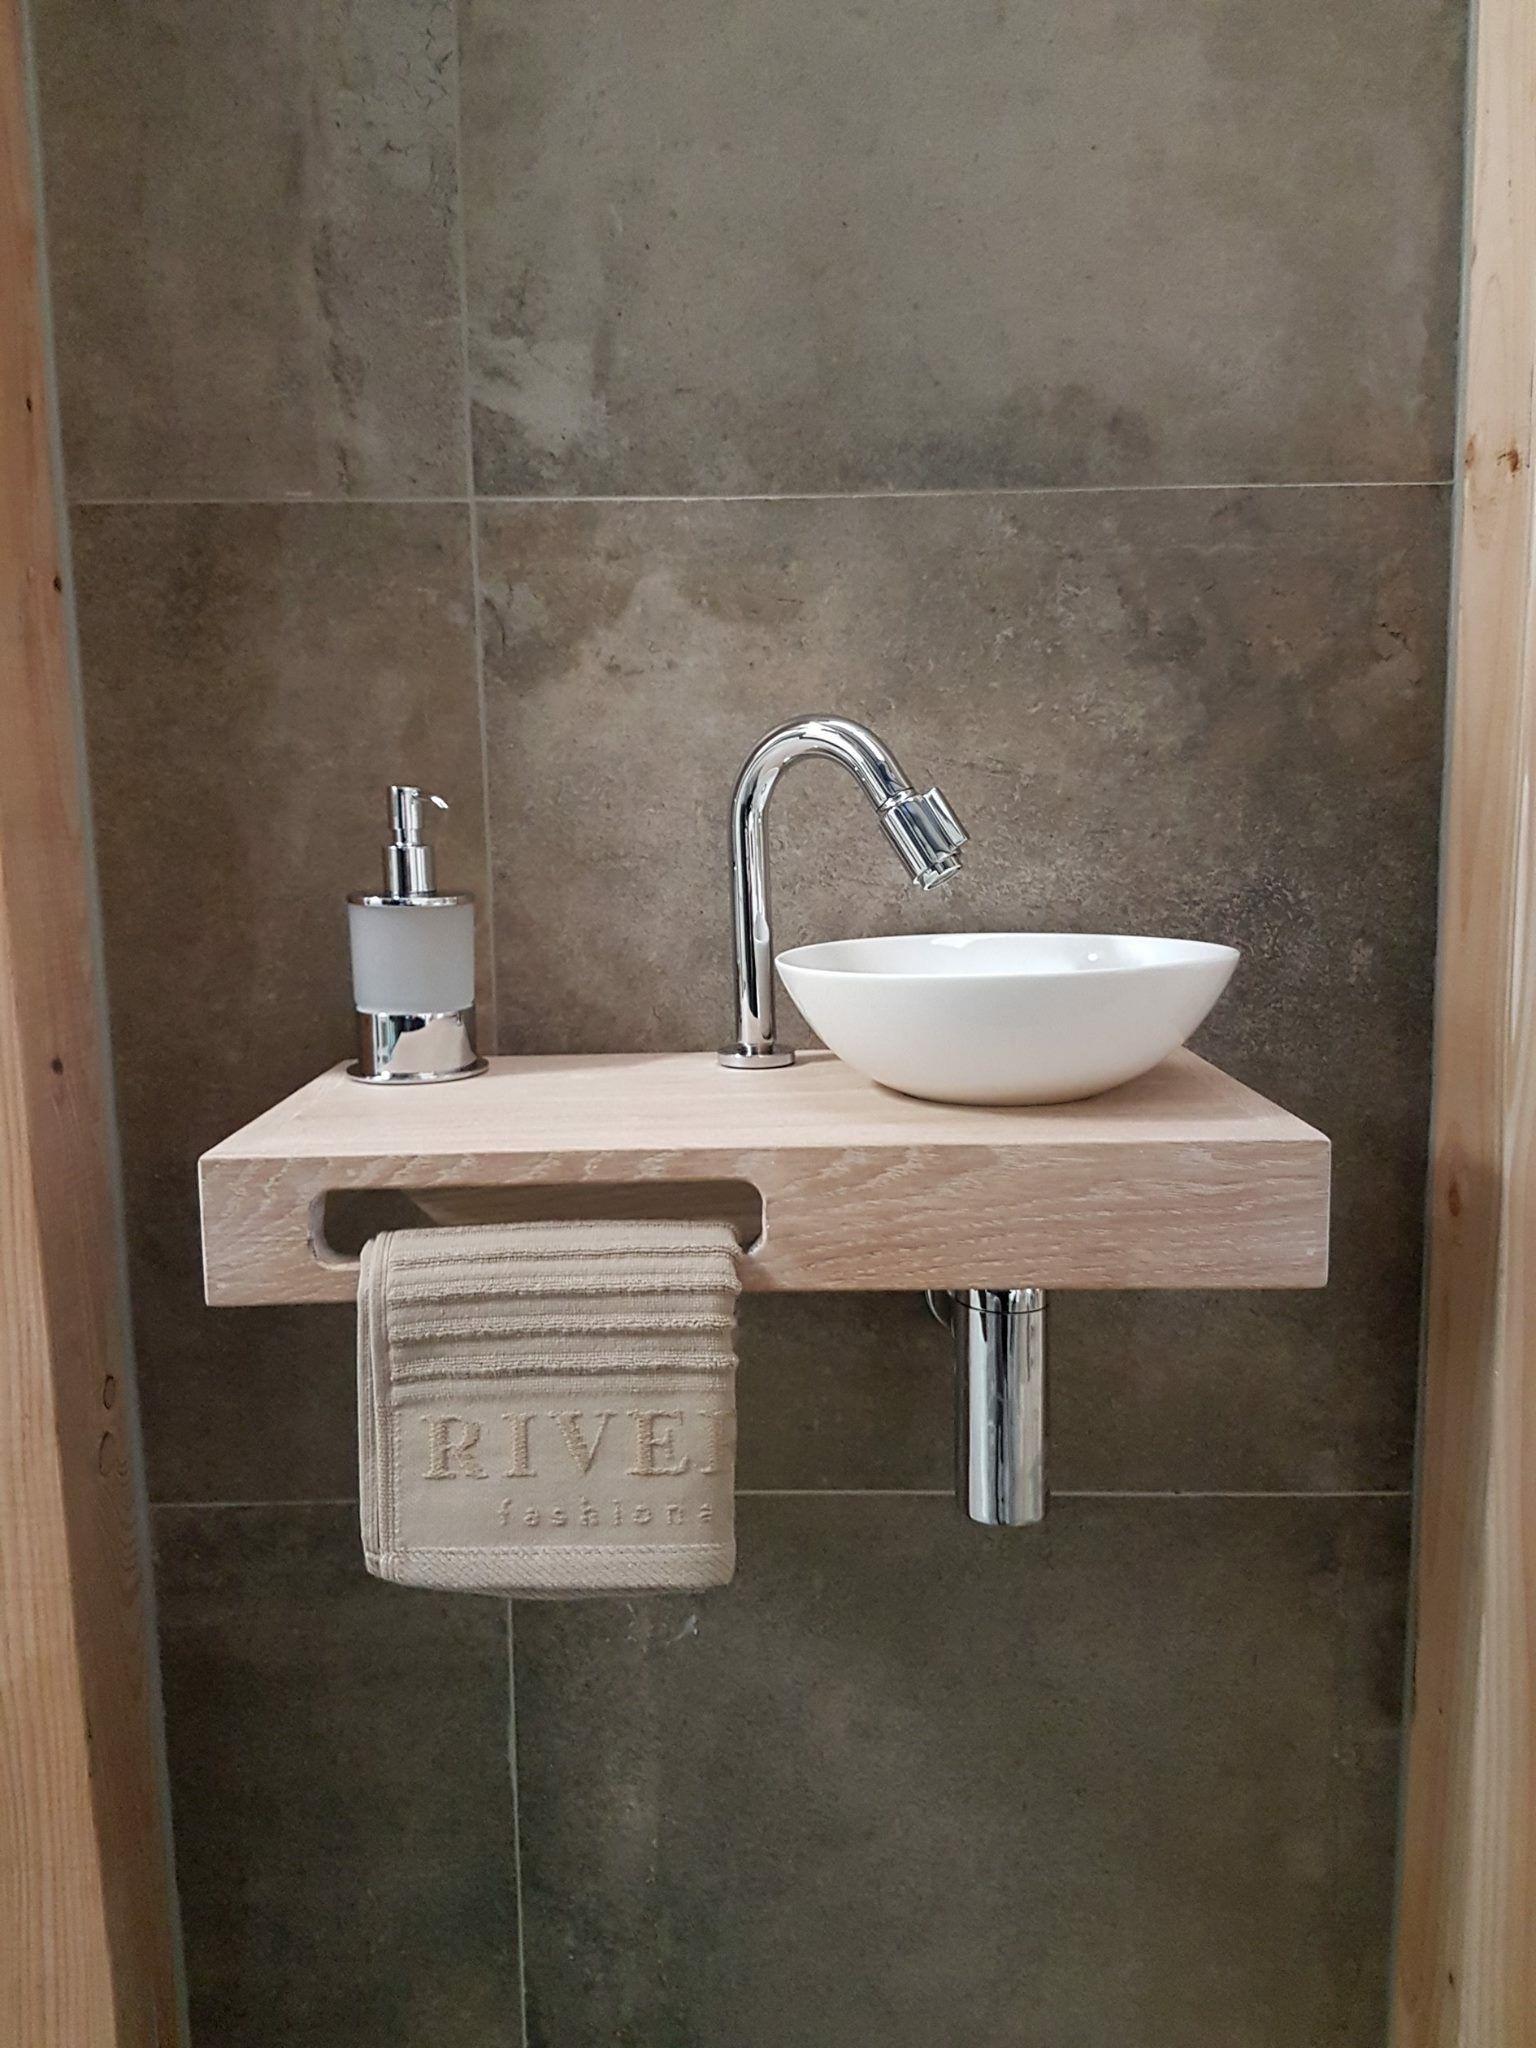 Pin Von Daniela Laufer Auf Badkamers Badezimmer Badezimmer Renovierungen Kleines Wc Zimmer